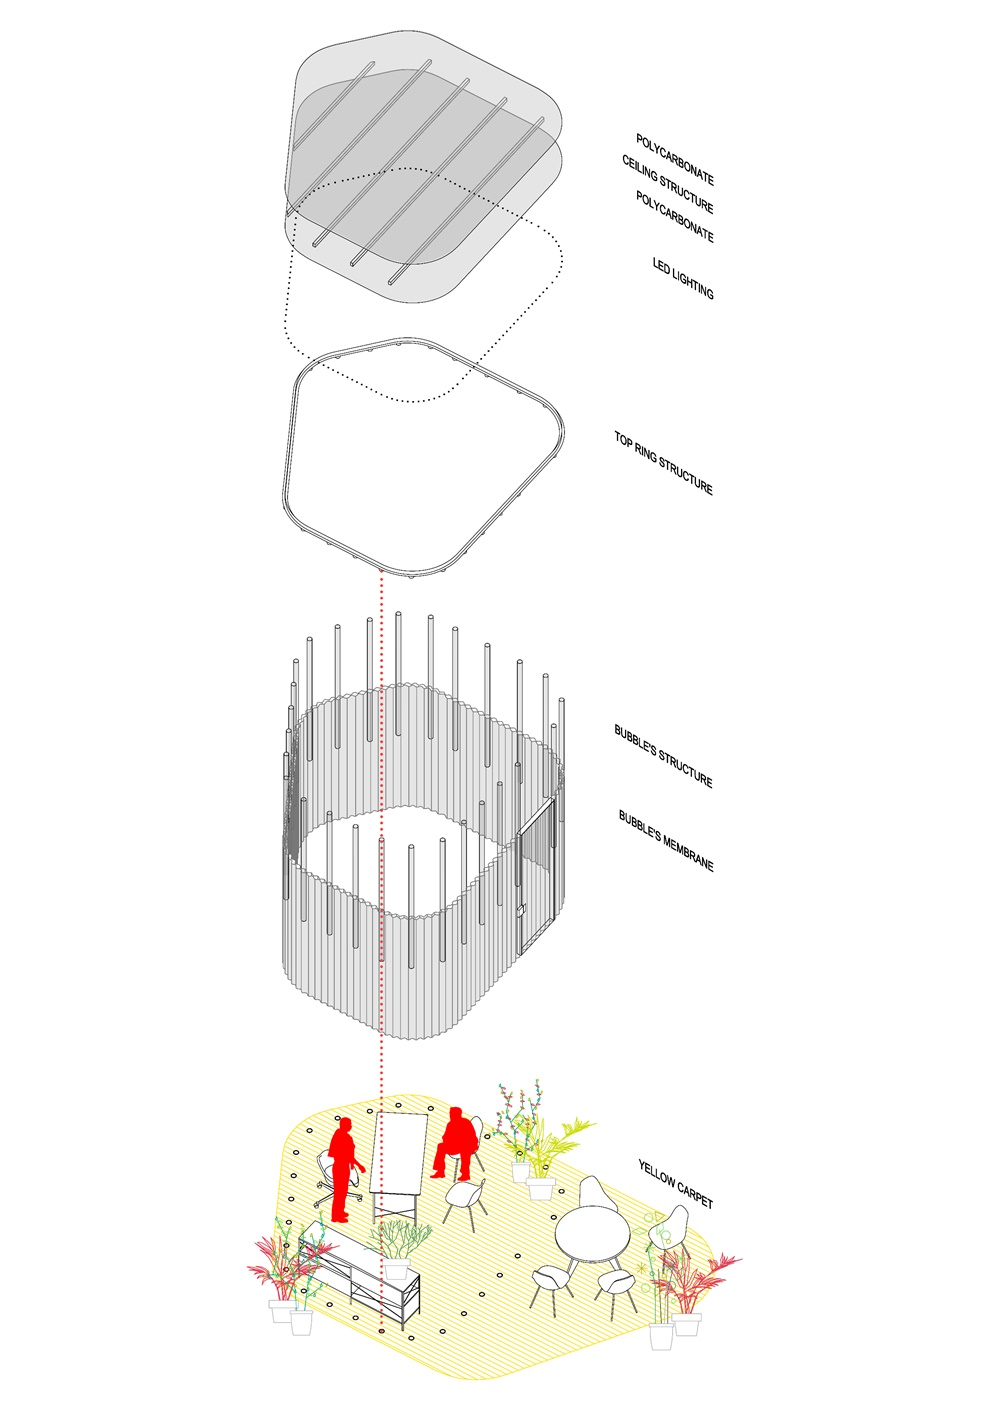 办公空间,办公室设计,苏州,X-workingspace,Marcos Cortes Lerín,中欧智能建筑设计研发中心,项目投稿